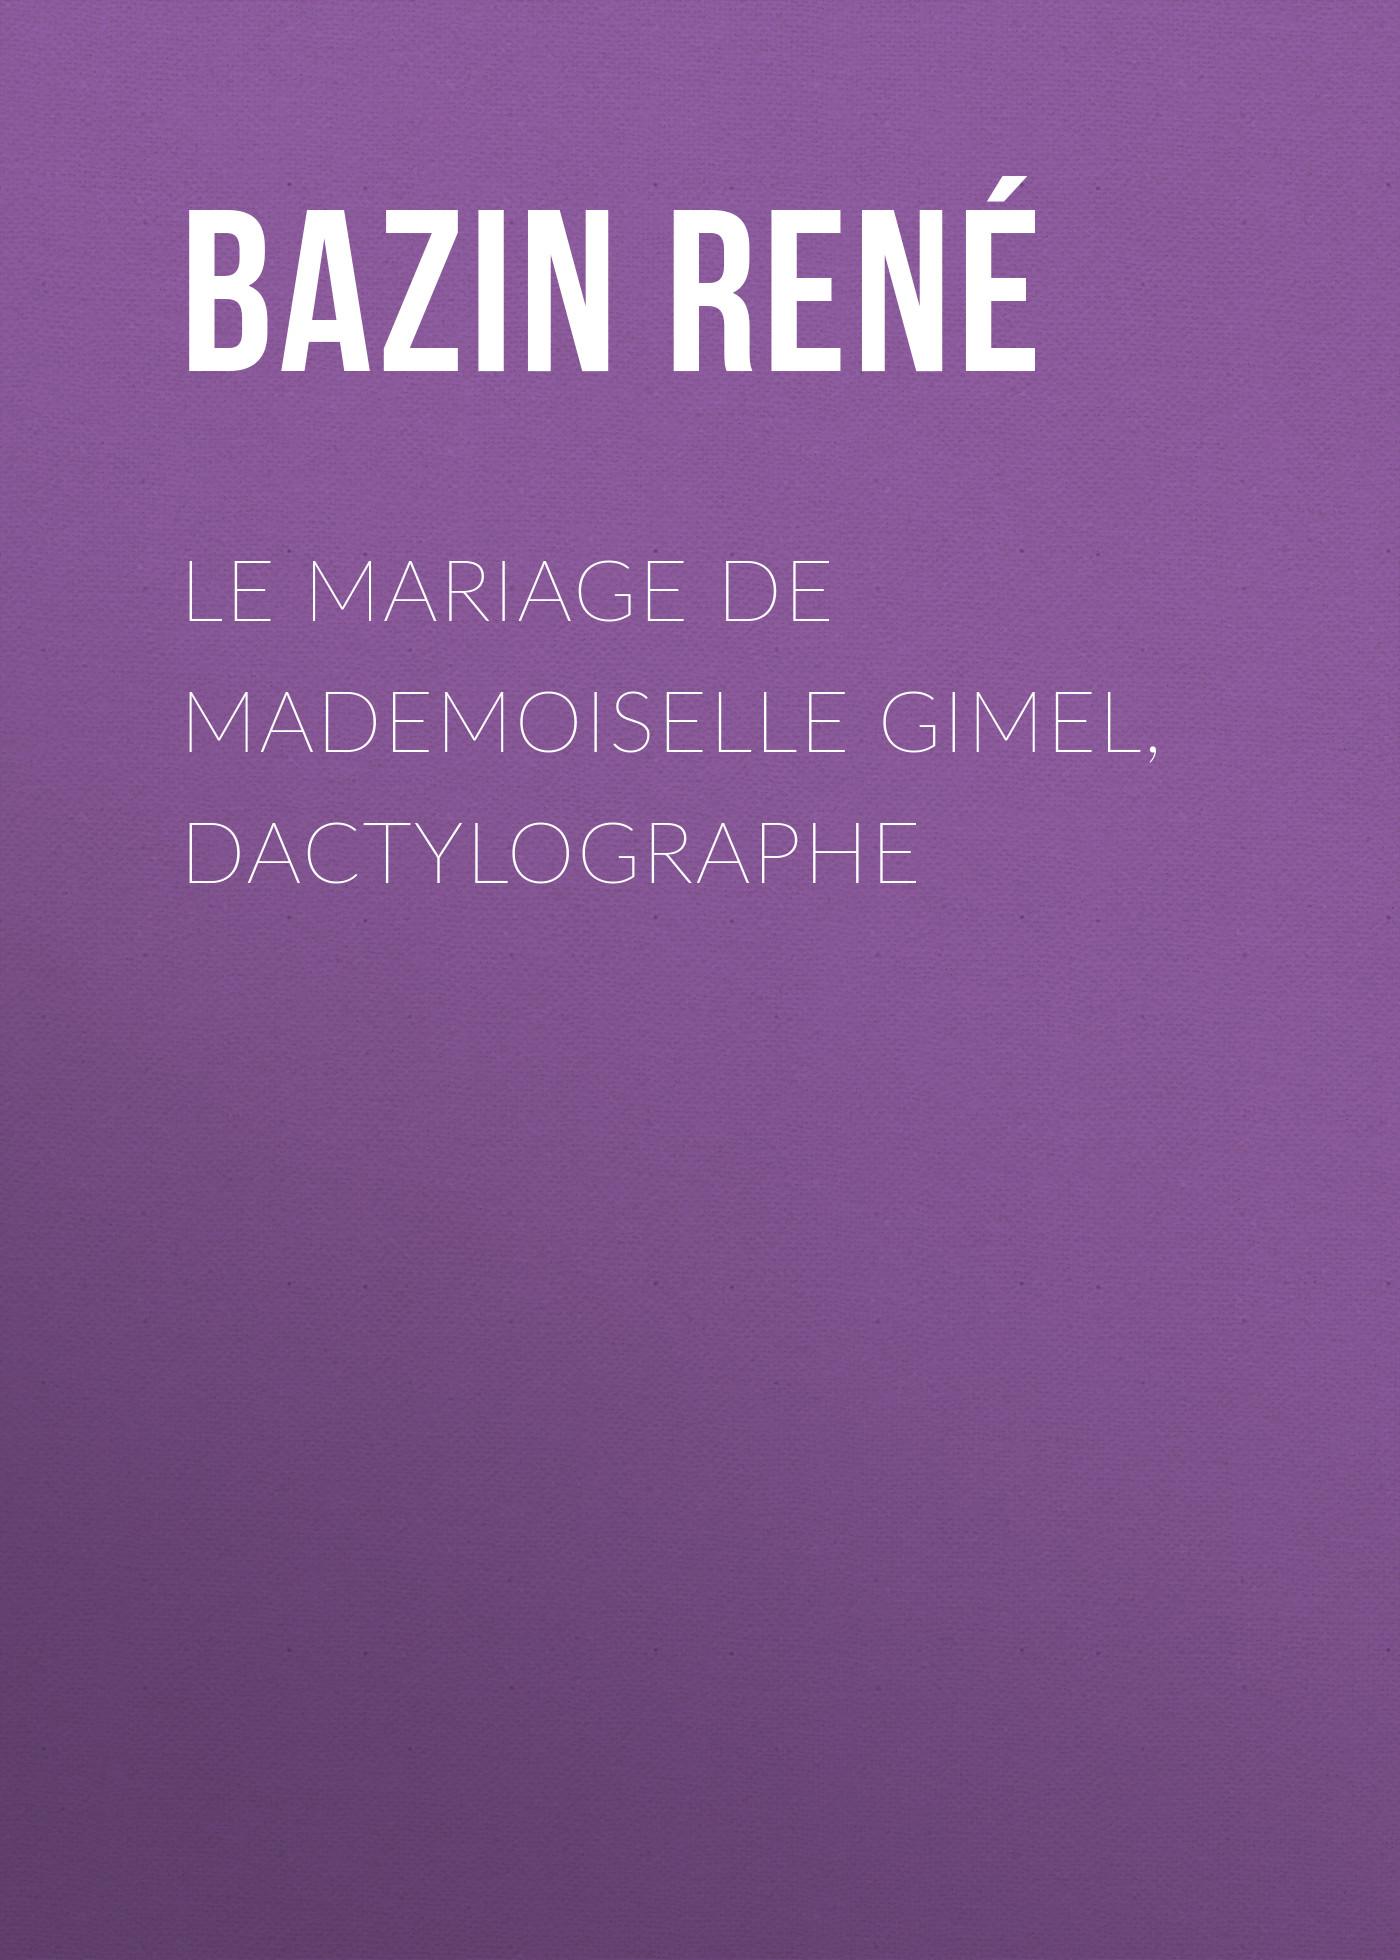 цена на Bazin René Le Mariage de Mademoiselle Gimel, Dactylographe